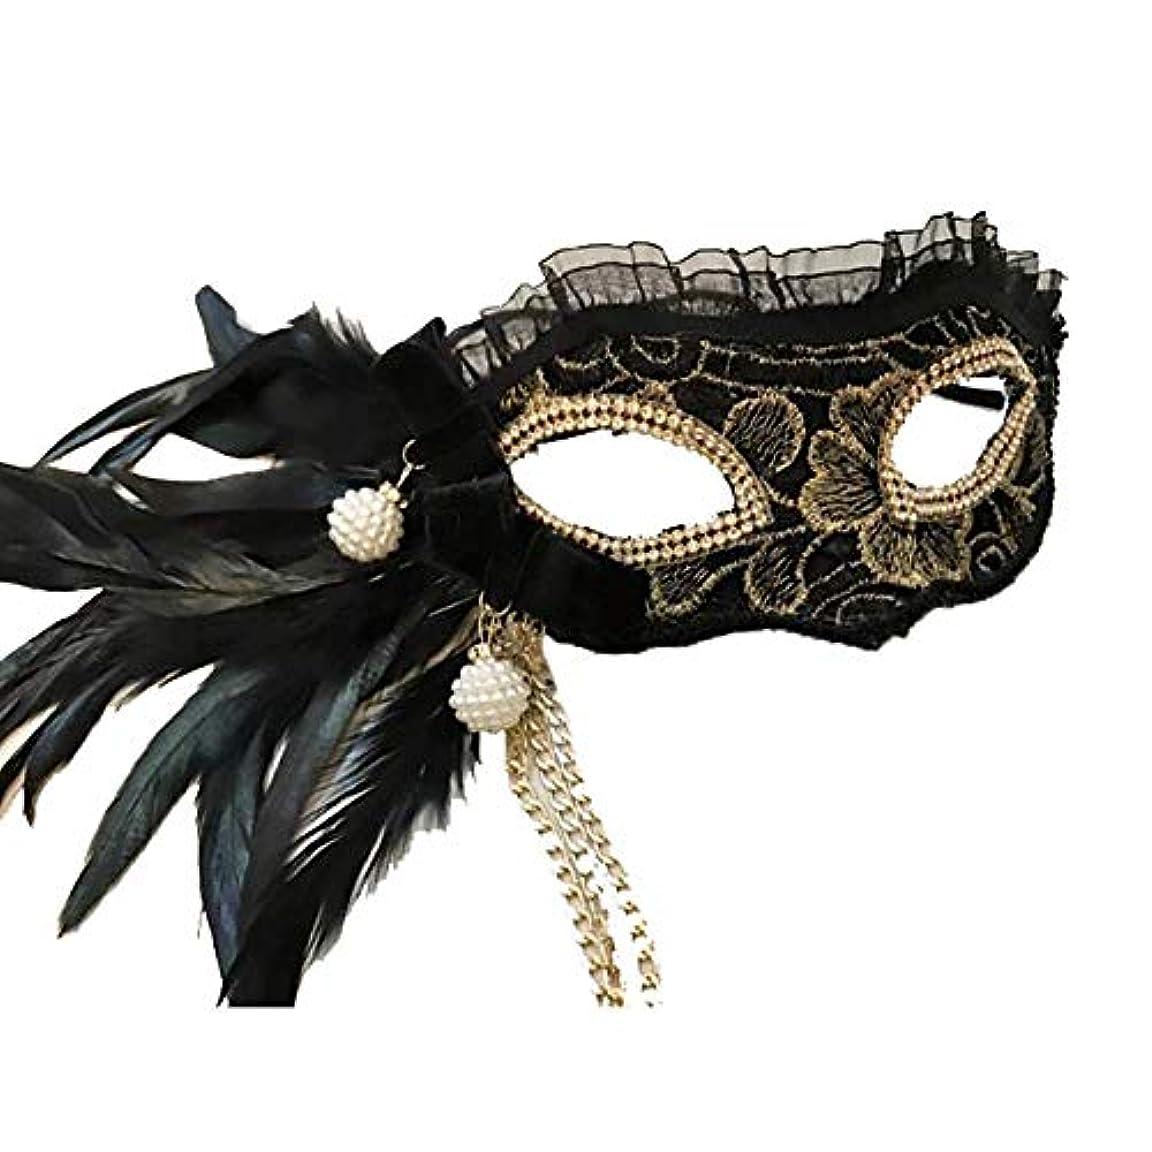 利益医薬品階層Nanle ハロウィンクリスマスフェザー刺繍フリンジフラワービーズマスク仮装マスクレディミスプリンセス美容祭パーティーデコレーションマスク (色 : Style A)